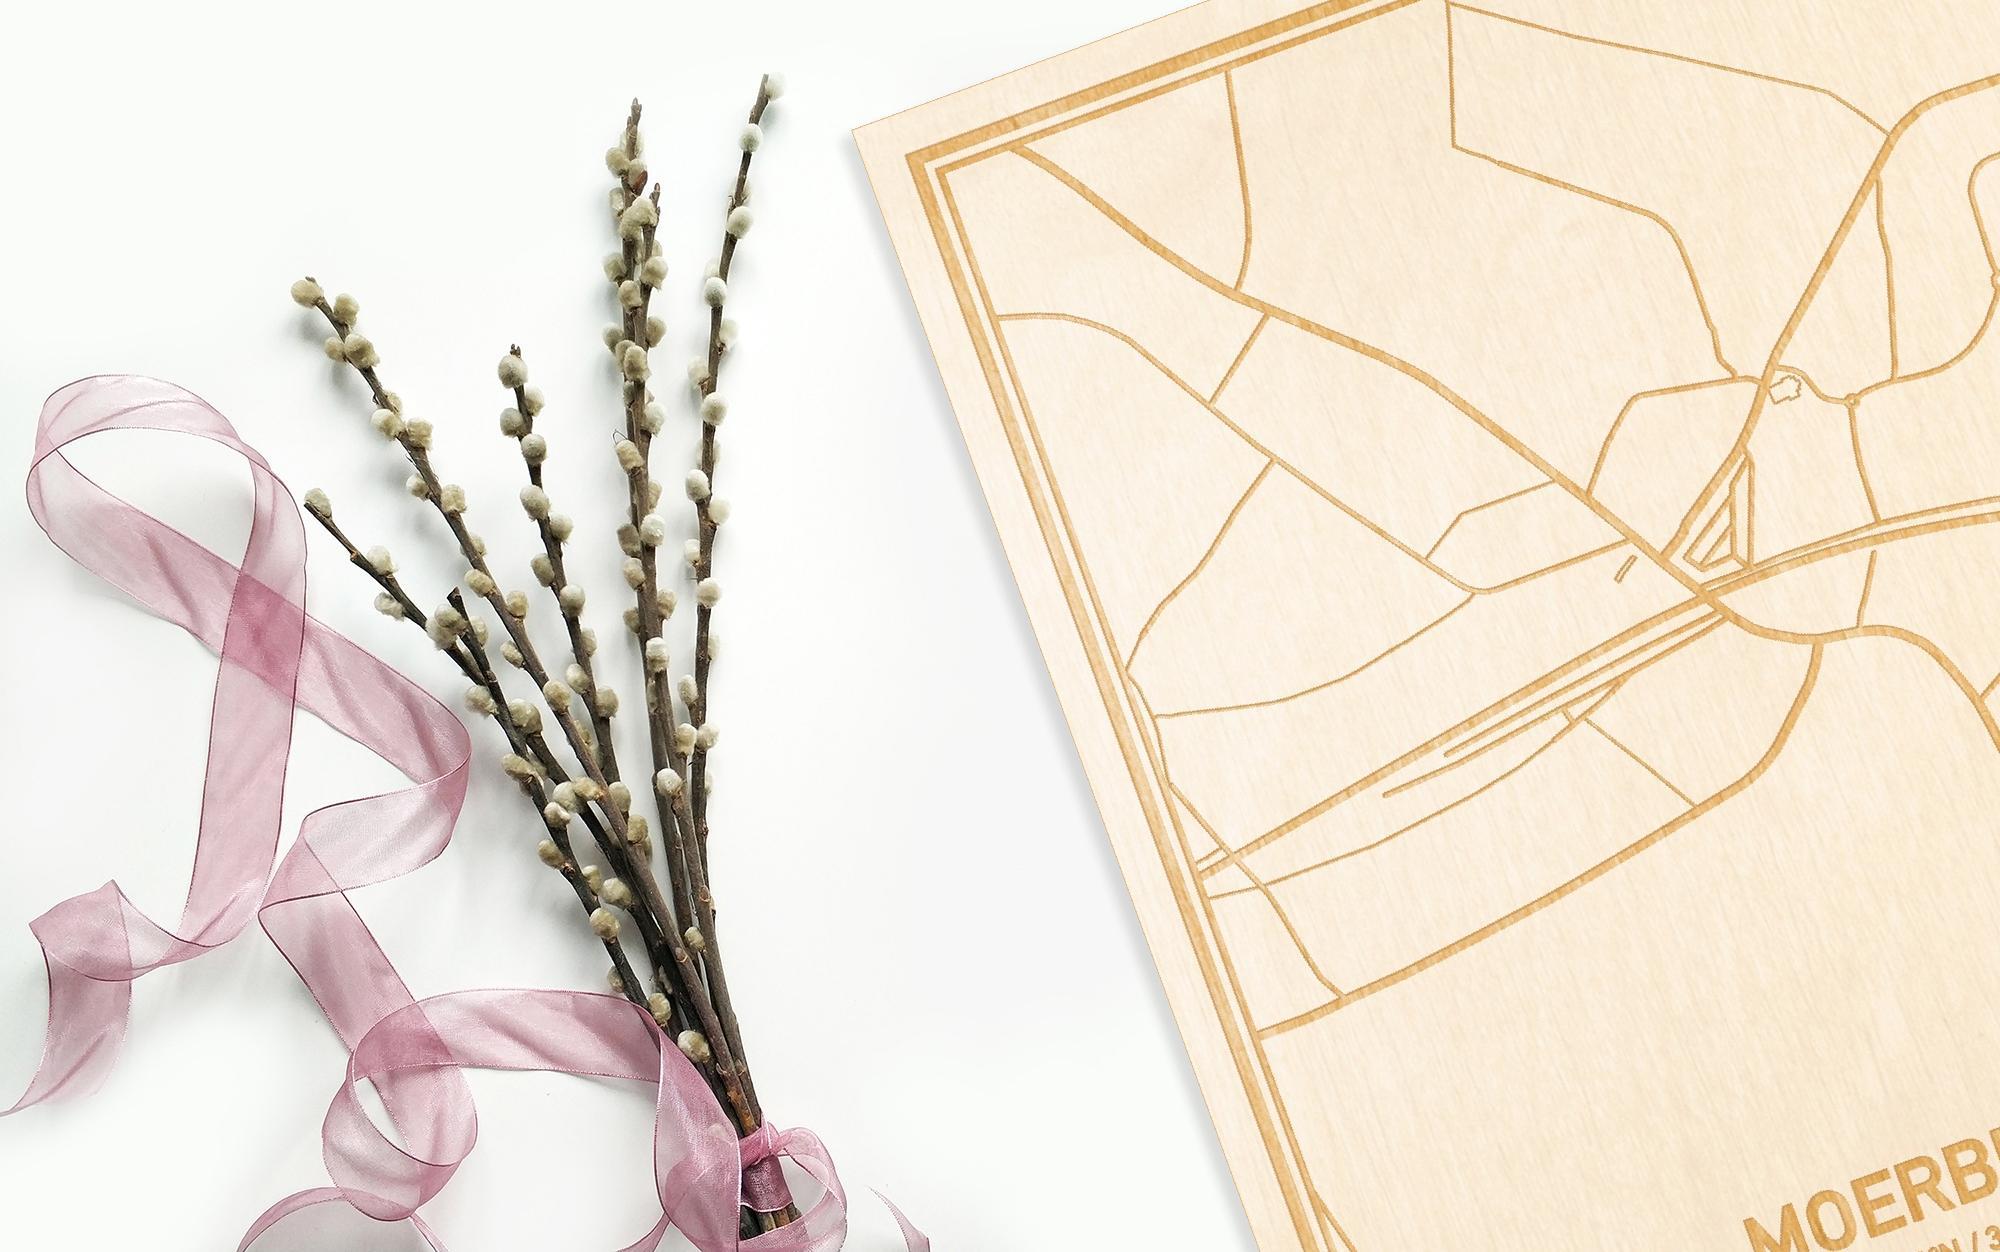 Hier ligt de houten plattegrond Moerbeke naast een bloemetje als gepersonaliseerd cadeau voor haar.